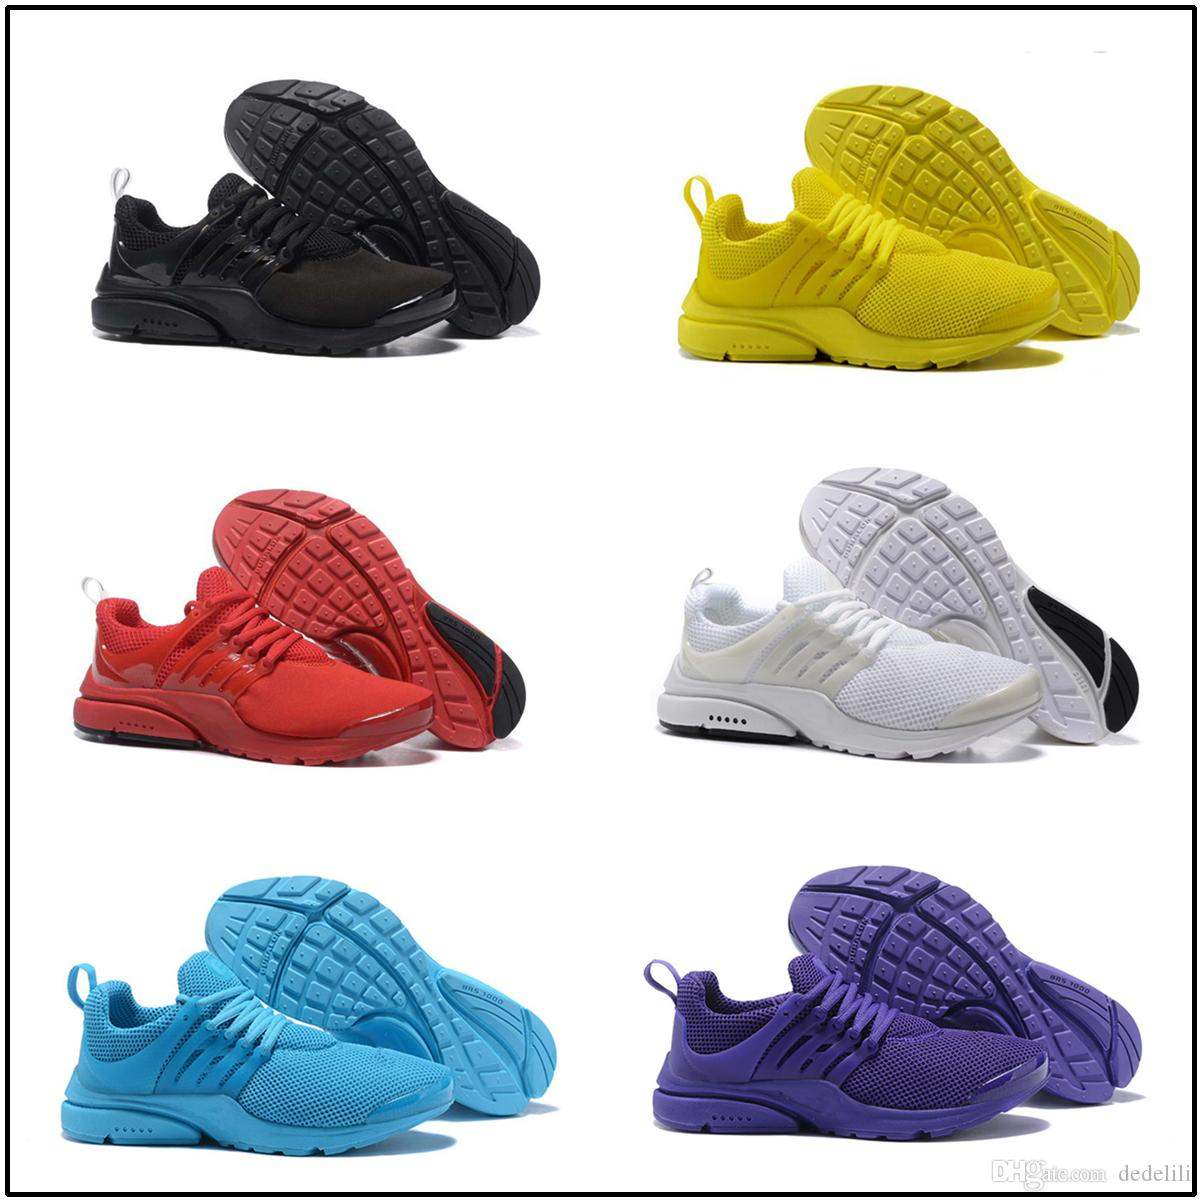 new concept e4a1e b4590 Acquista 2018 TOP Nike Air Presto 5 BR QS Breathe Nero Bianco Giallo Rosso  Scarpe Da Uomo Sneakers Da Donna Scarpe Da Corsa Hot Men Scarpe Sportive Da  ...